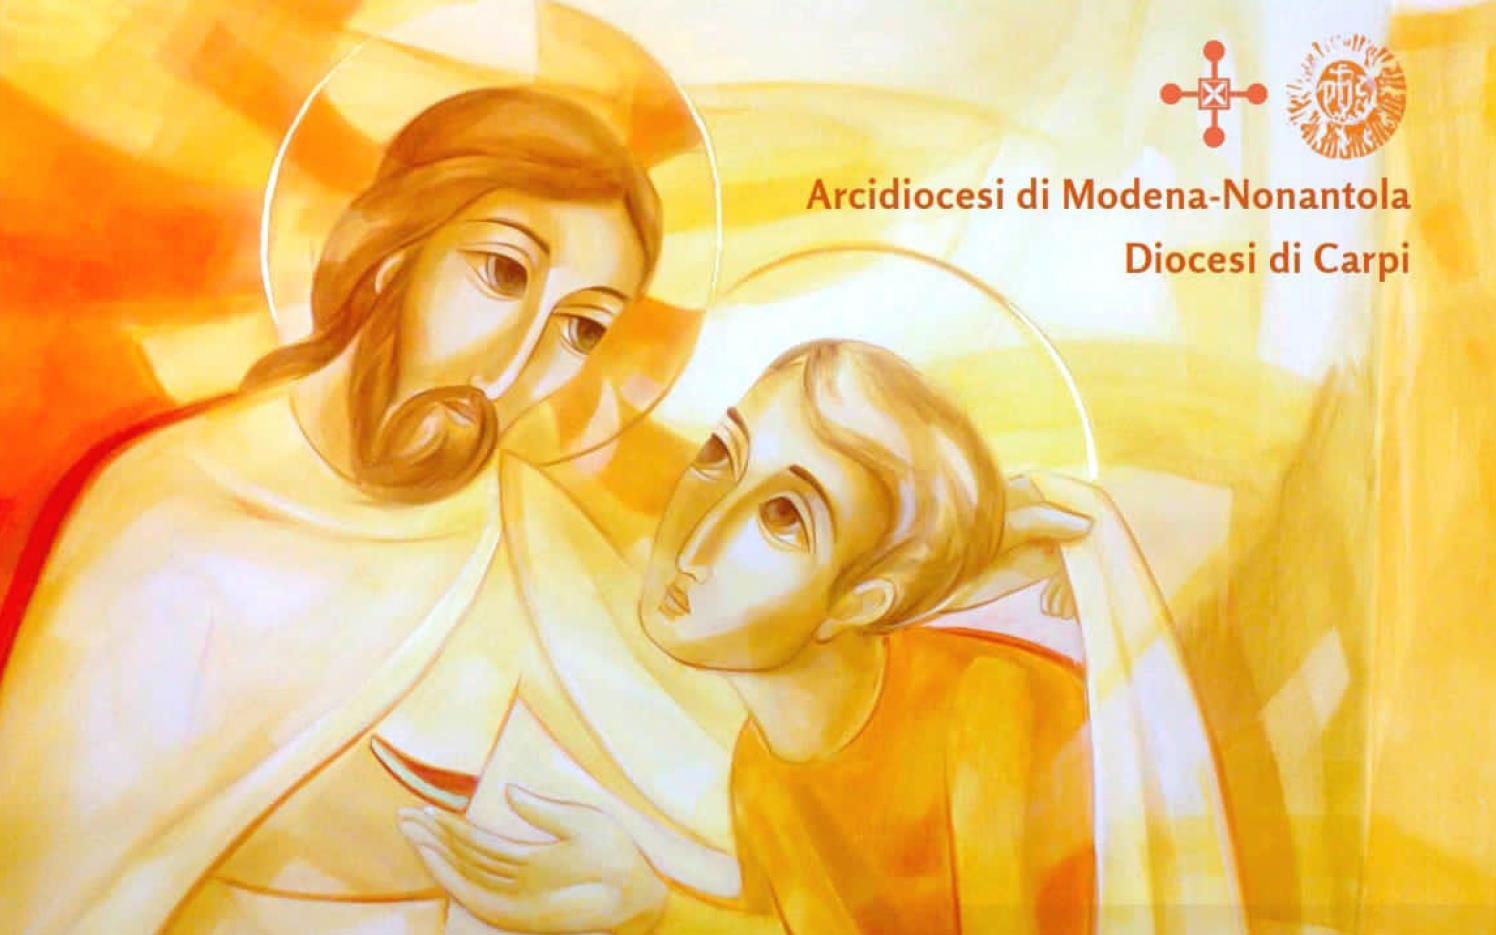 Diocesi, corso di formazione pastorale dall'11 ottobre